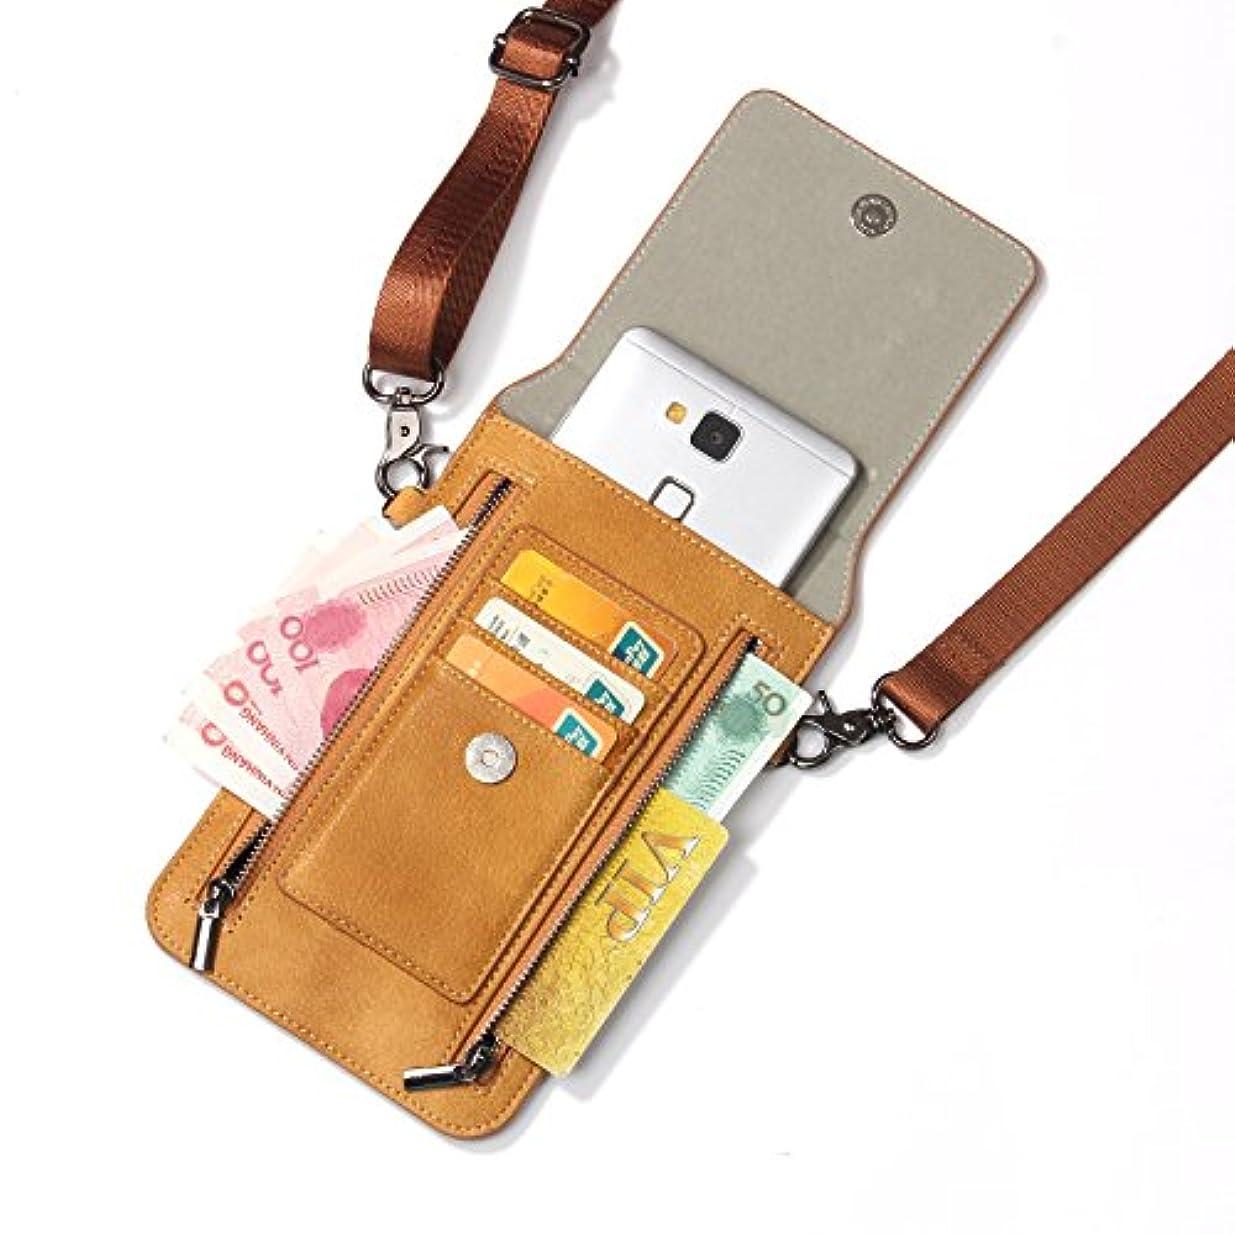 ファシズム結婚式処理するiPhone XS Max ケース レザー INorton 多機能スマホポーチ 保護カバー 財布型 軽量 カード お金収納 ストラップ付き iPhone X /8/8Plus/7/7Plusなど6.5インチ汎用